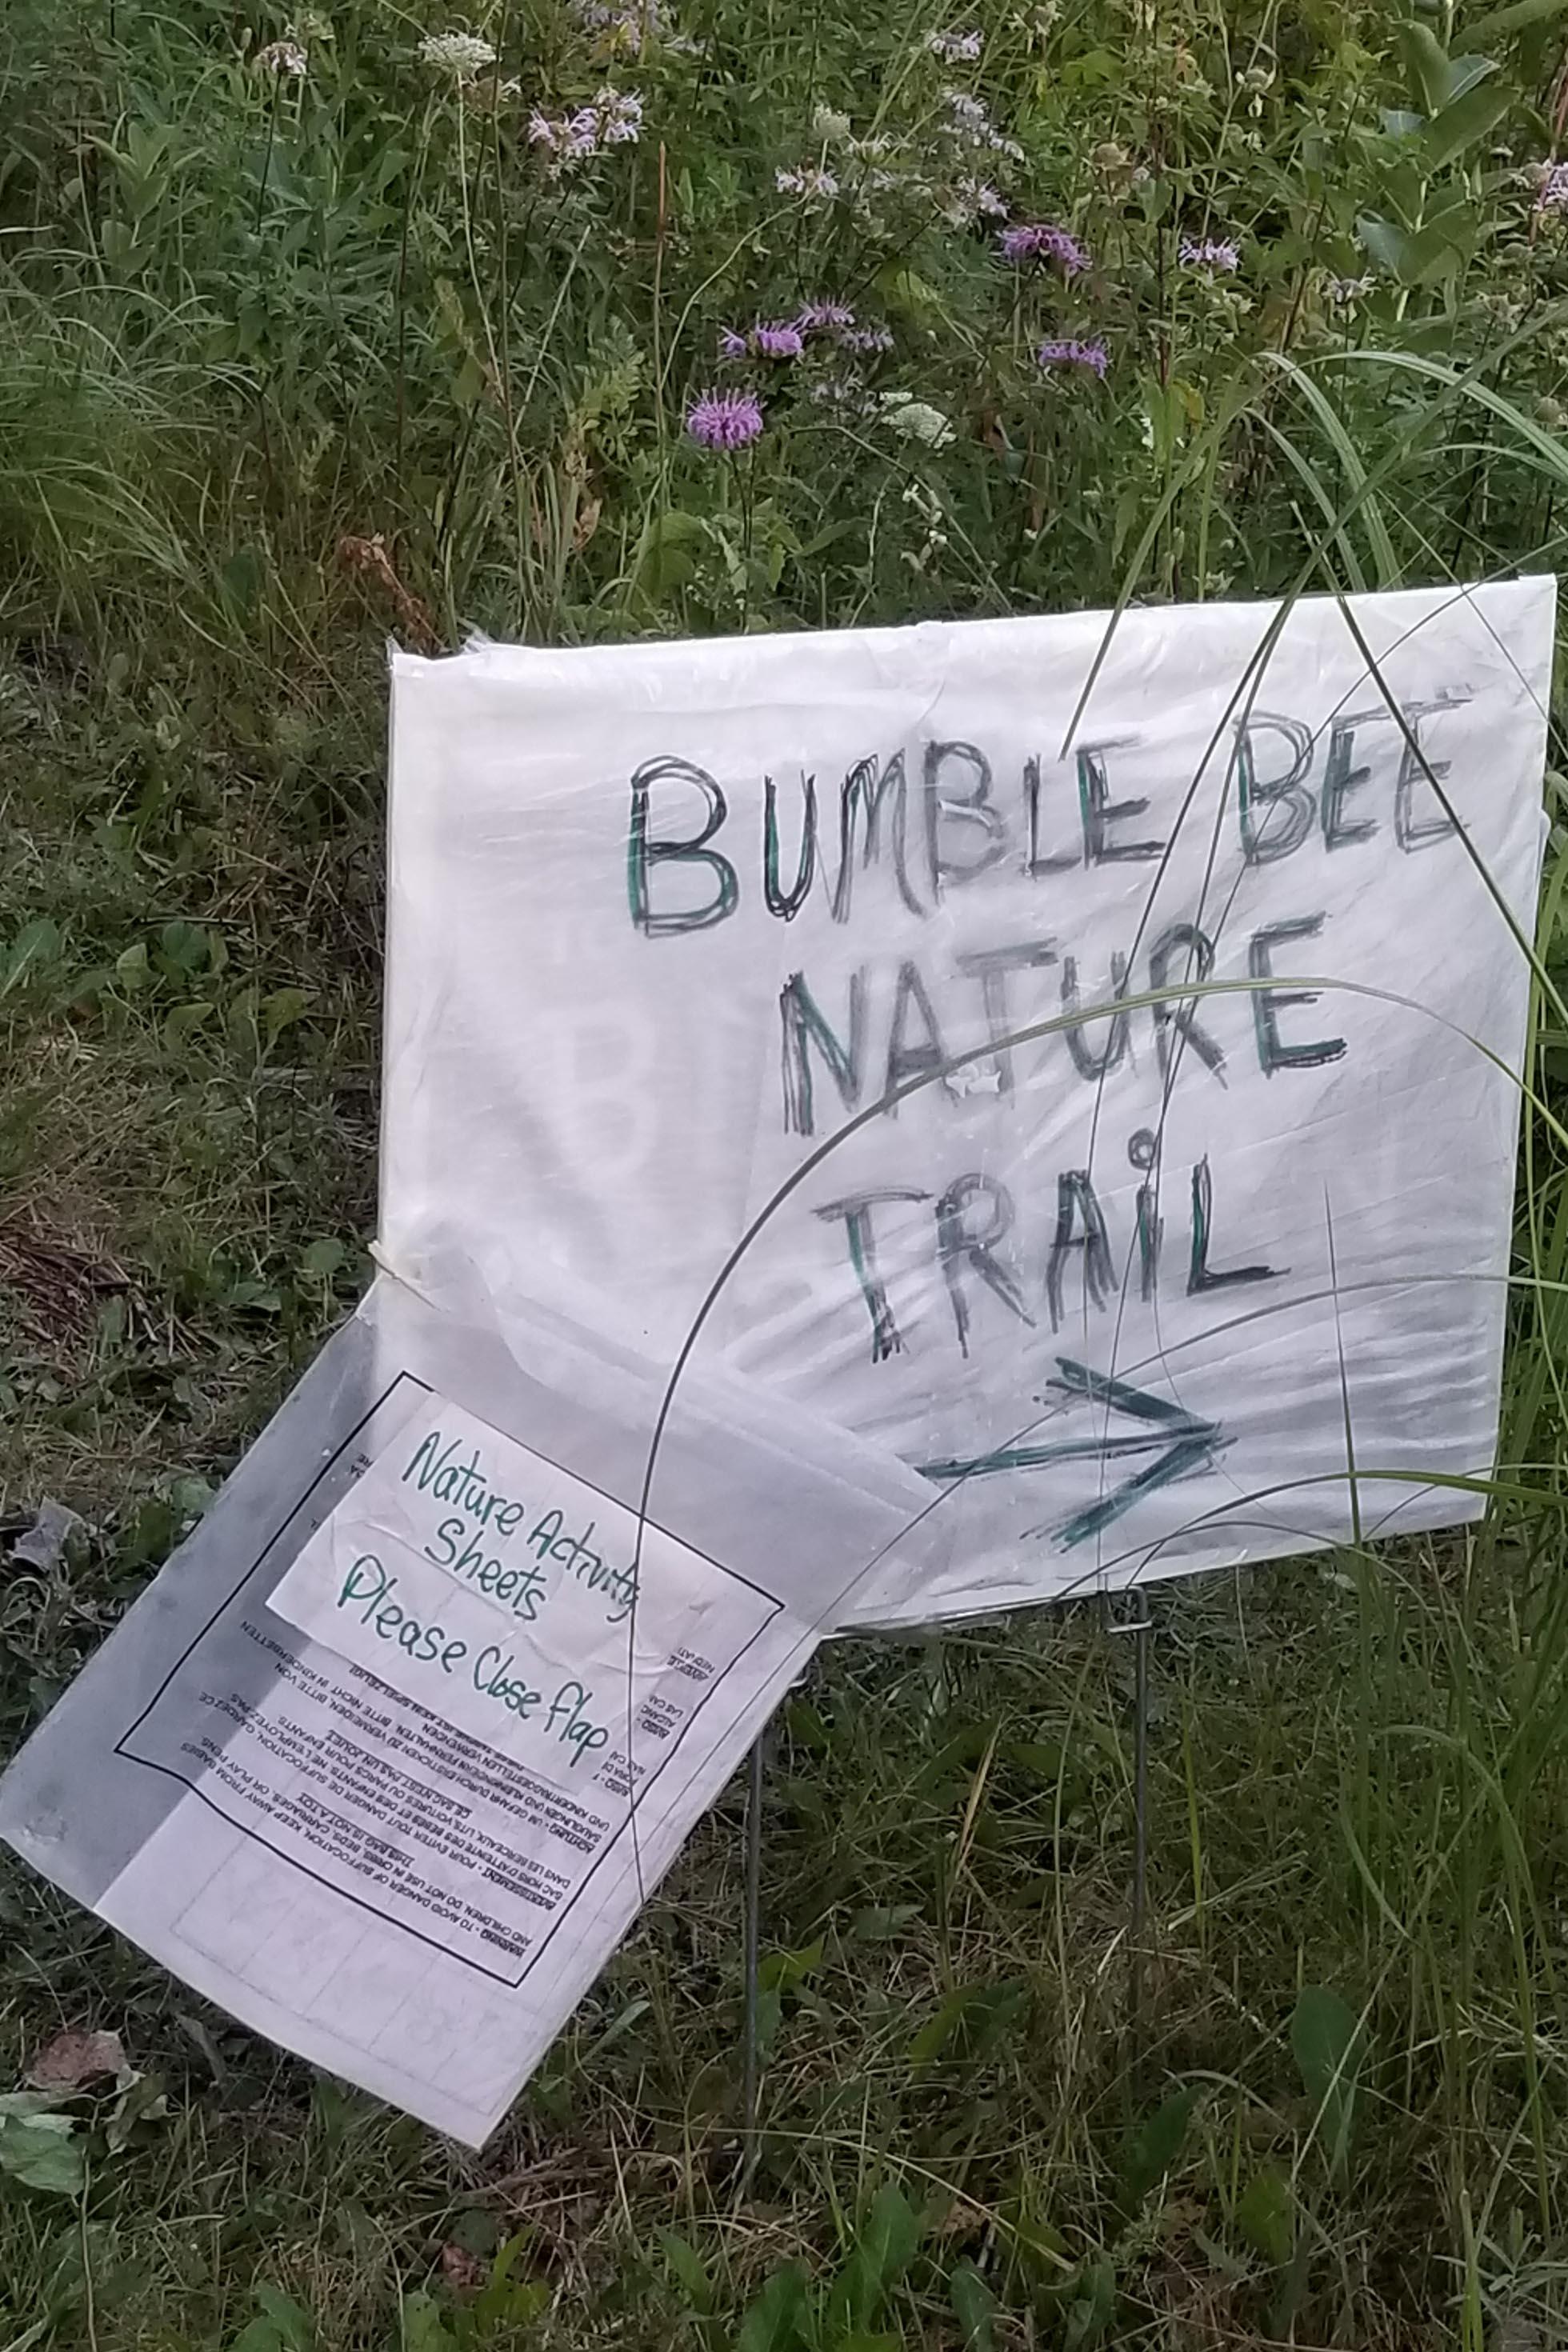 Bumblebee trail